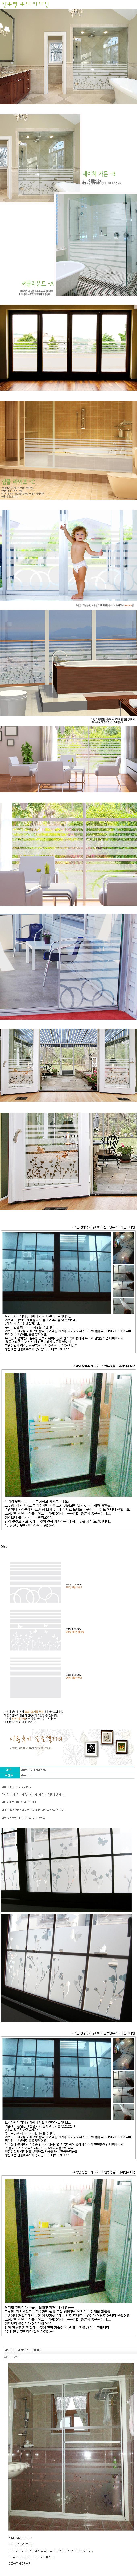 p_b057-반투명 유리 디자인 - 꾸밈, 32,000원, 월데코스티커, 기타데코